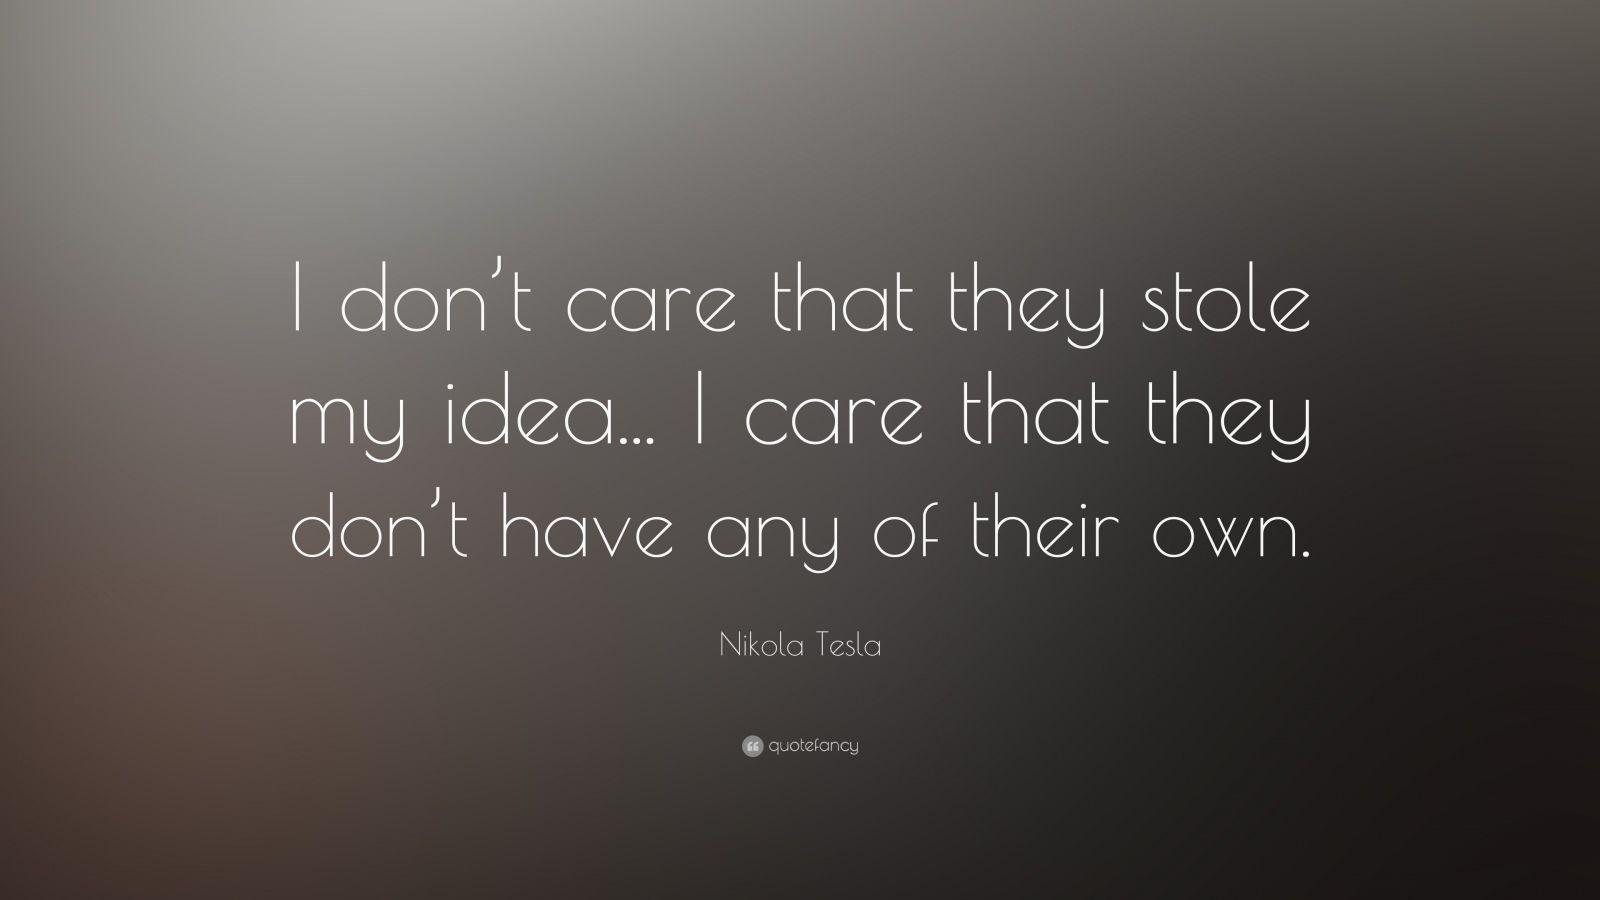 Nikola Tesla Wallpaper Quote Nikola Tesla Quote I Don T Care That They Stole My Idea